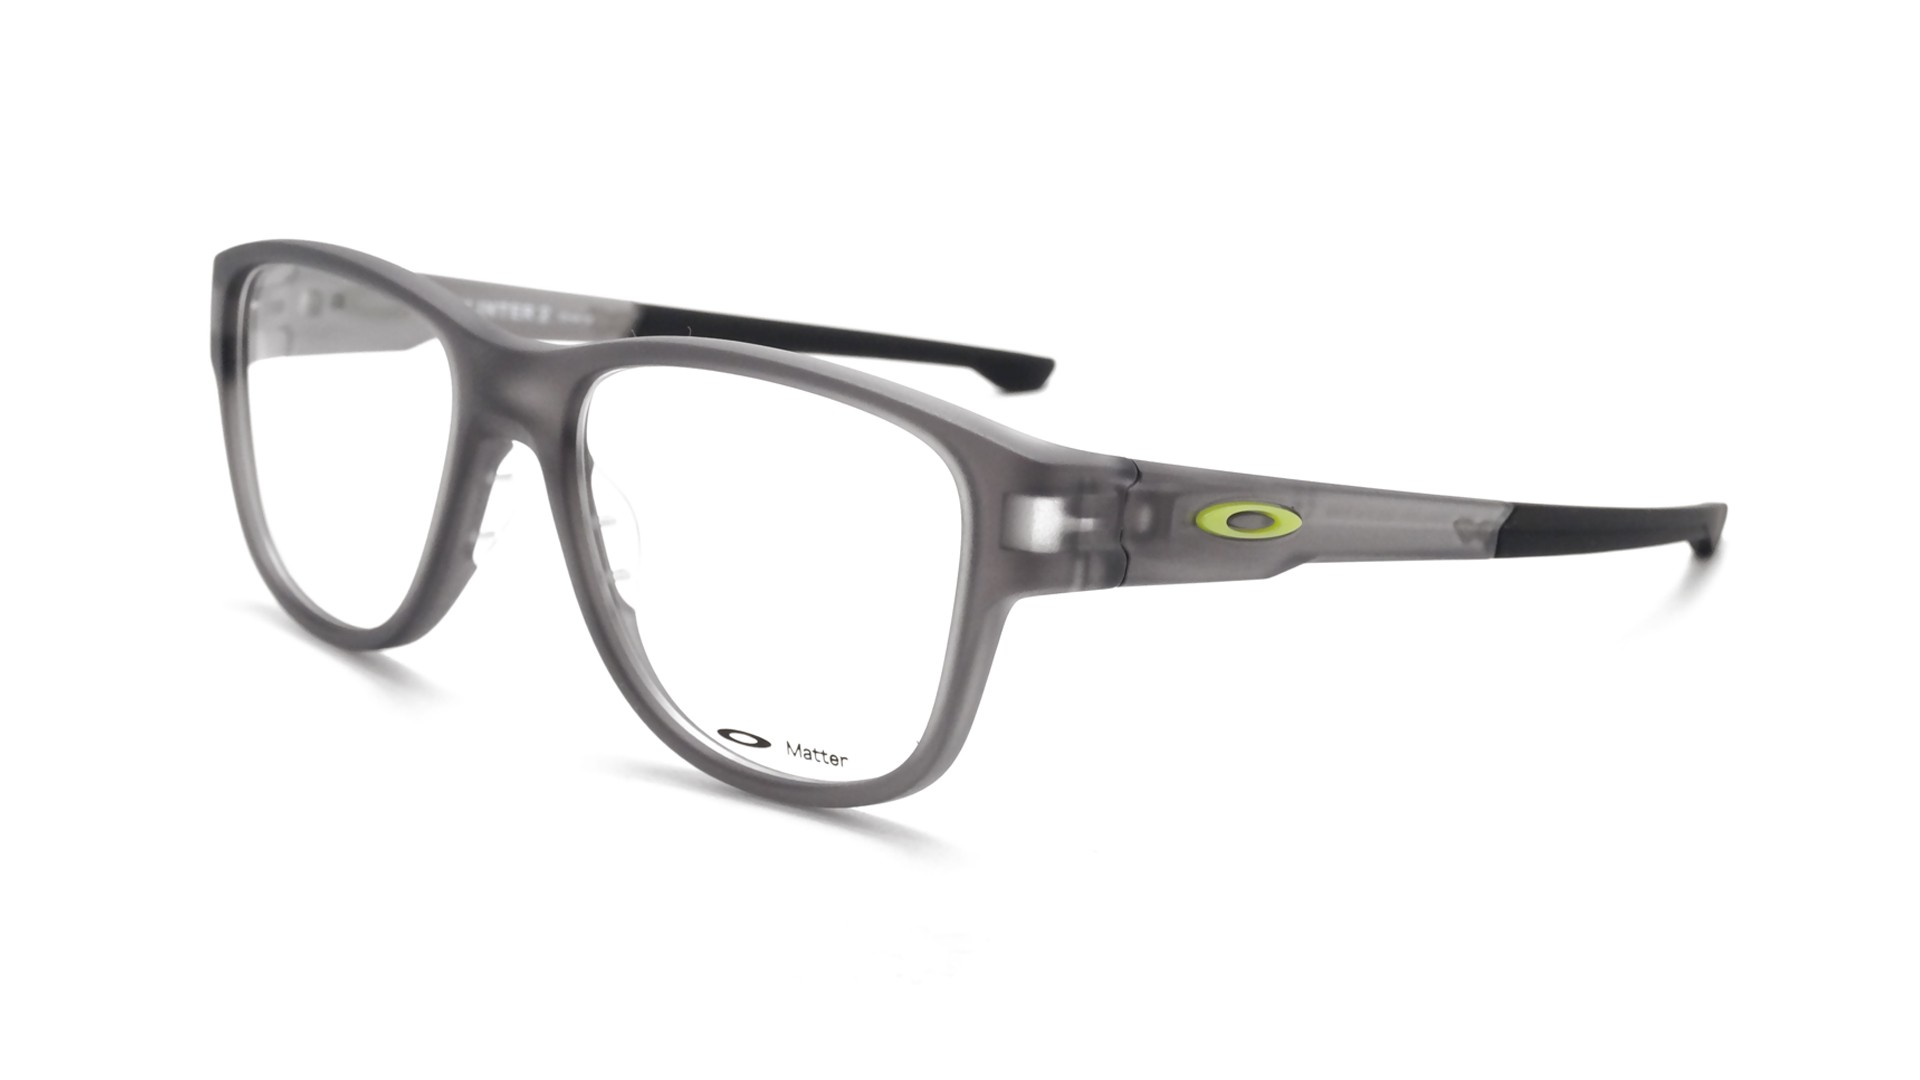 fc568e0aa7 Oakley Splinter Sunglasses Discontinued « Heritage Malta